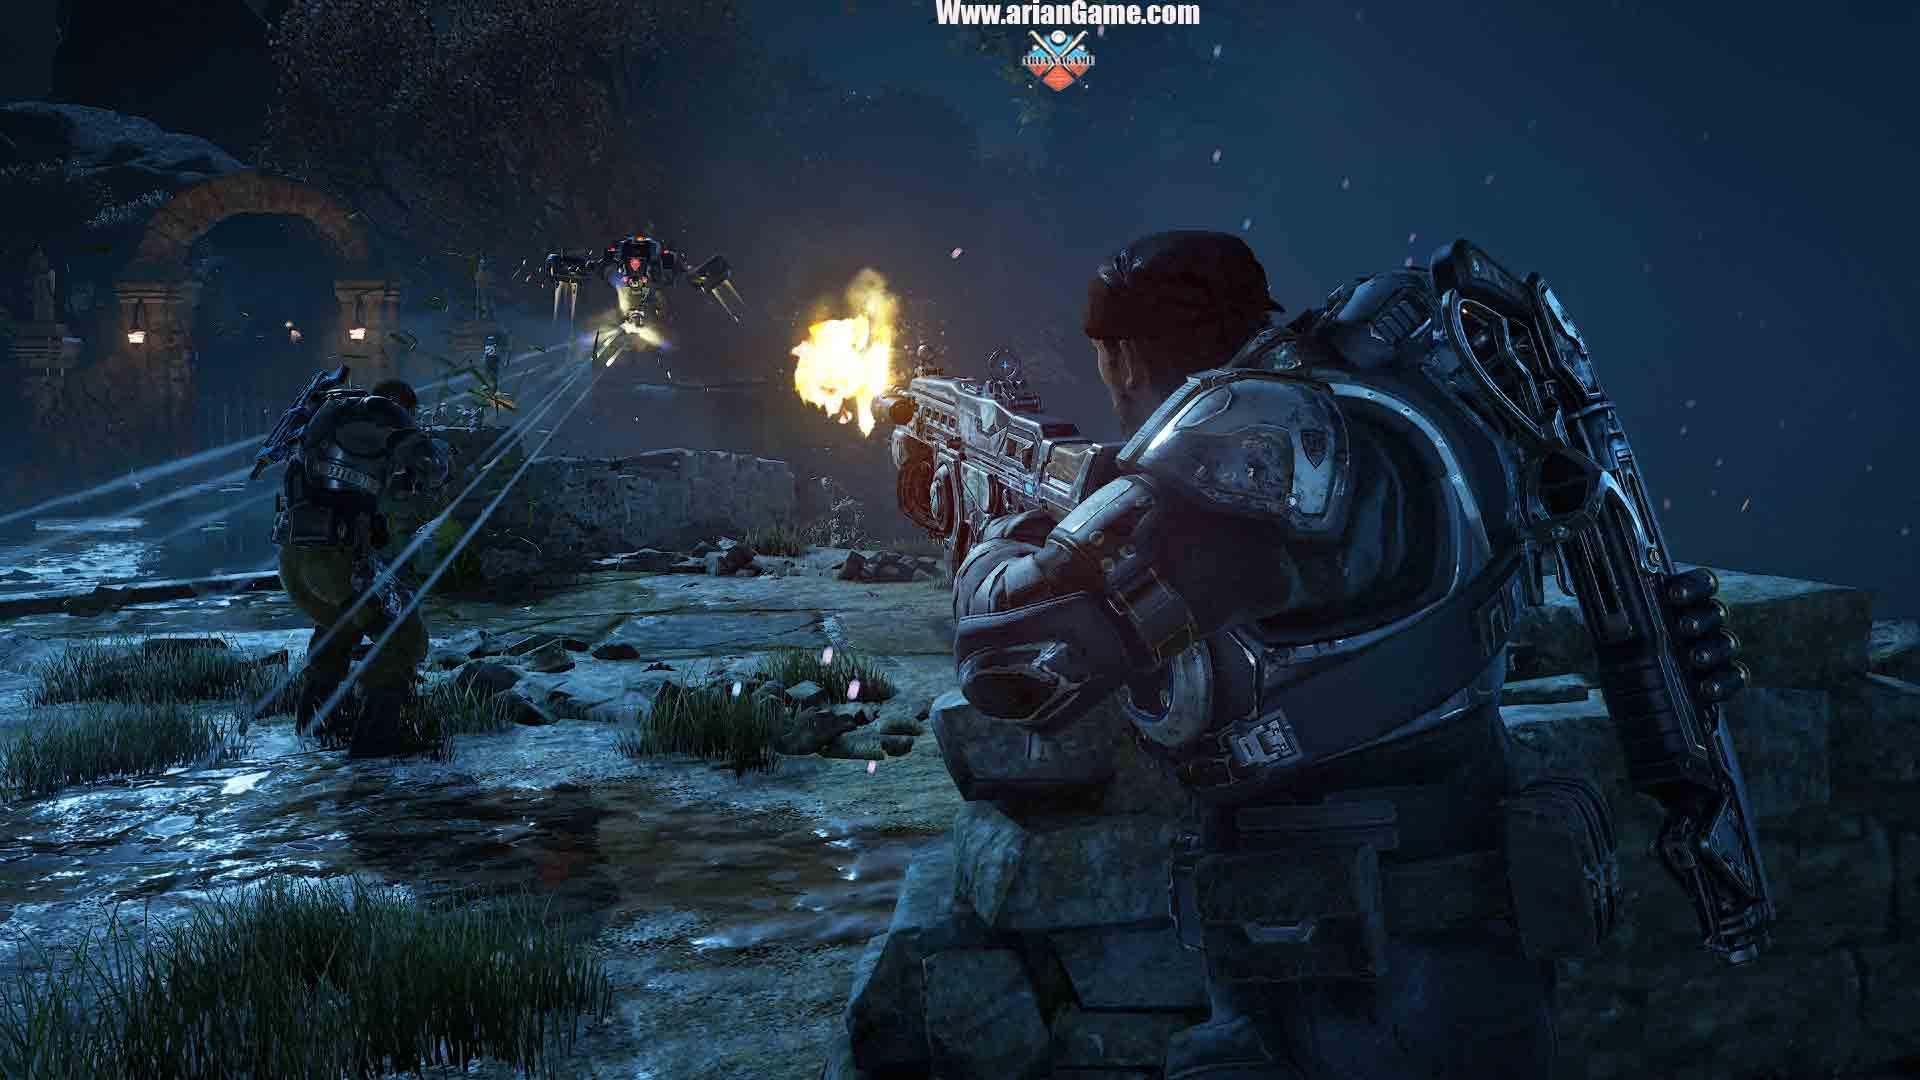 خرید بازی Gears of War 4